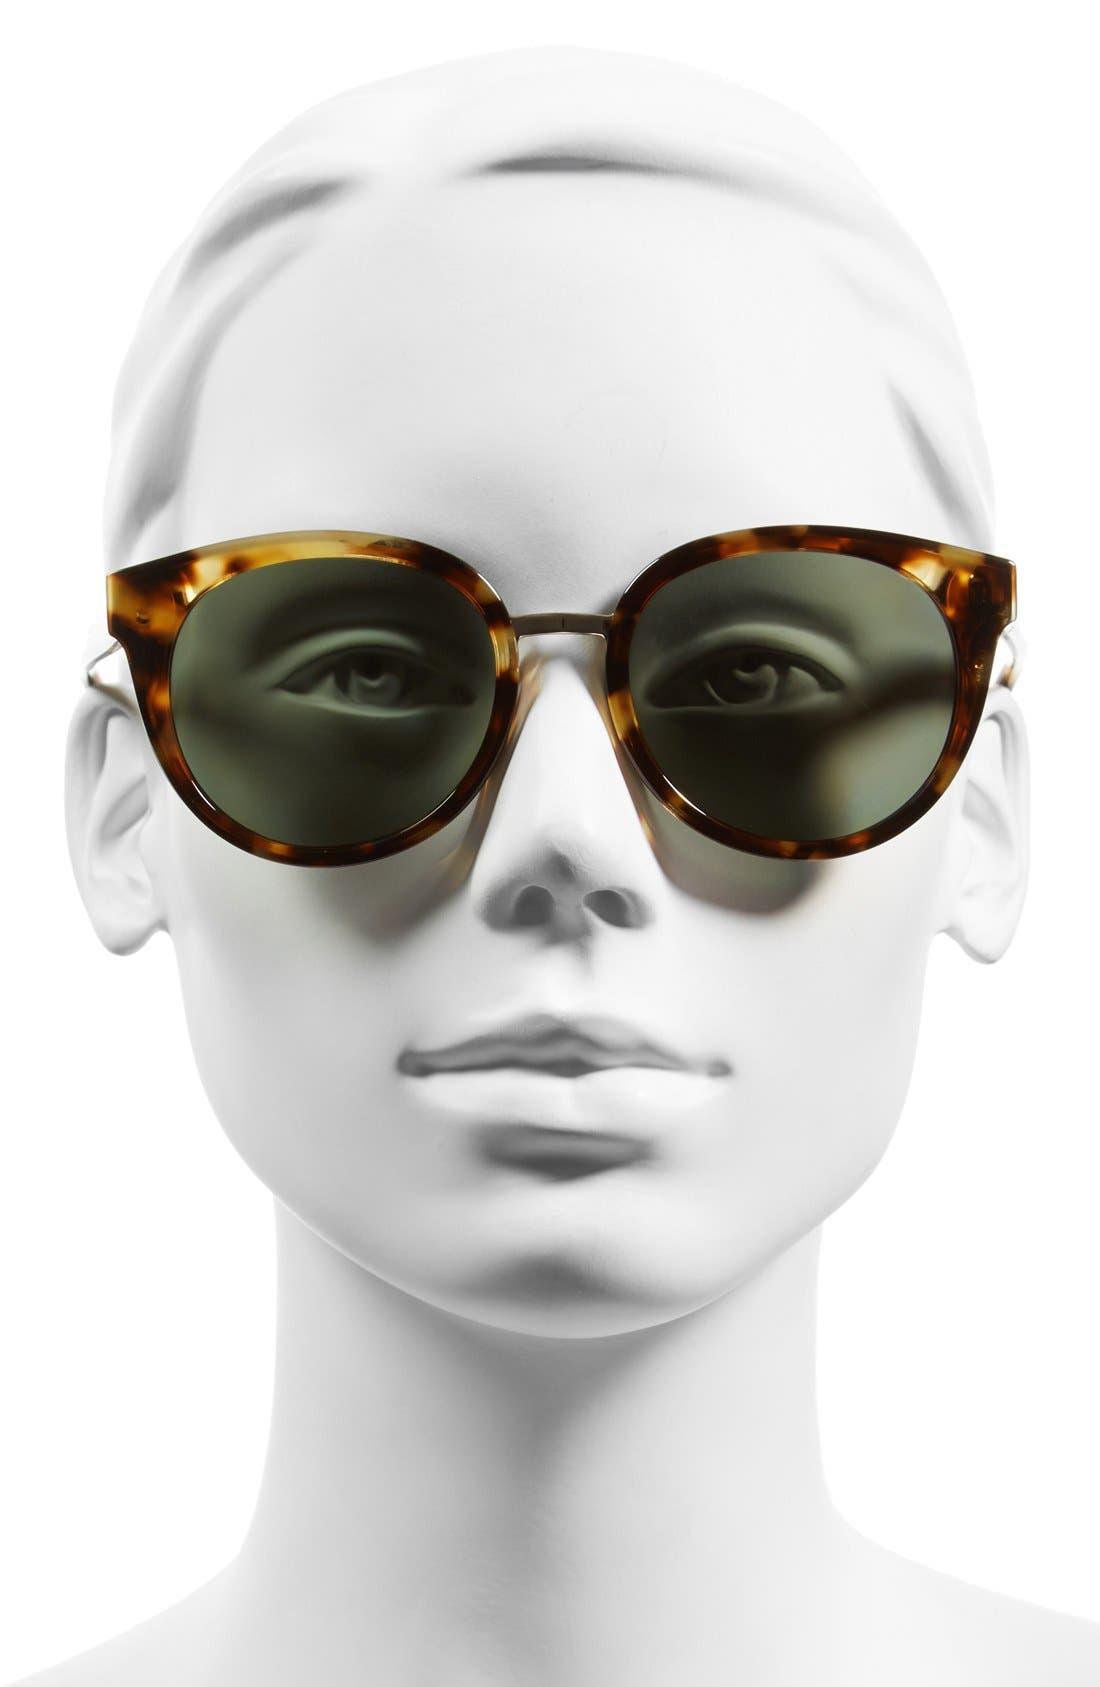 53mm Polarized Retro Sunglasses,                             Alternate thumbnail 2, color,                             Light Tortoise/ Polar